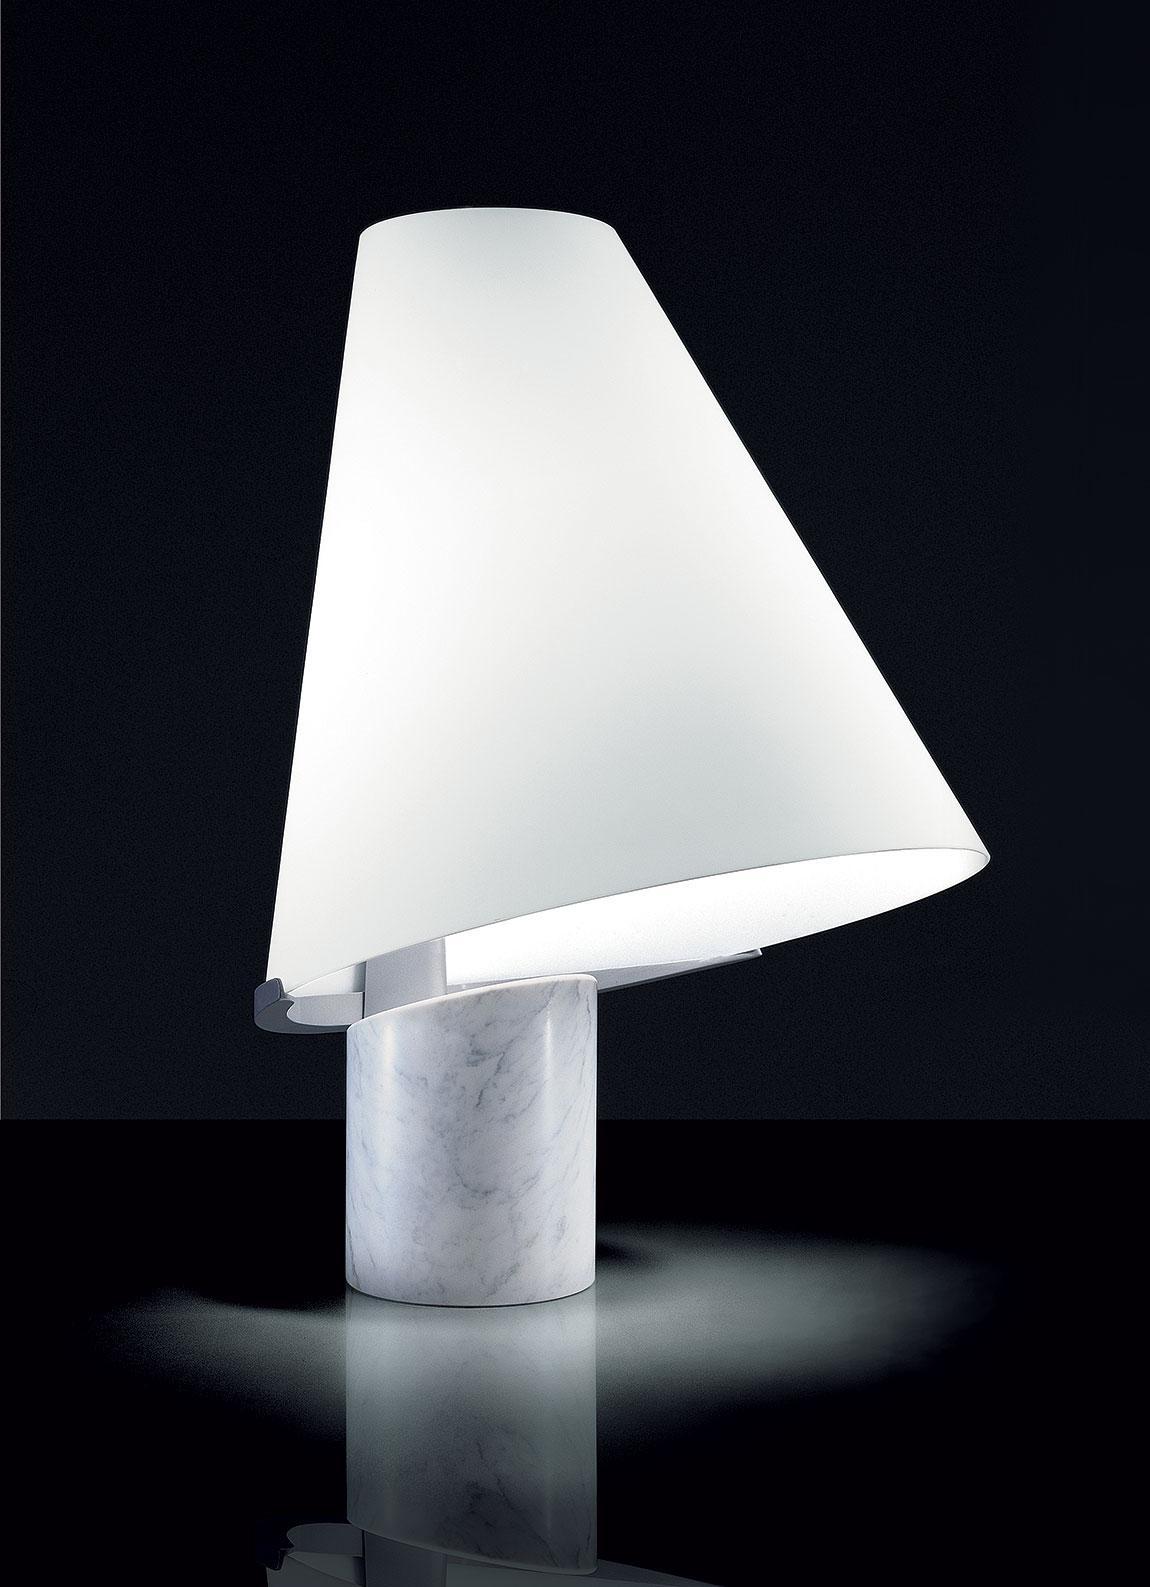 Tante nuove lampade   italy dream design